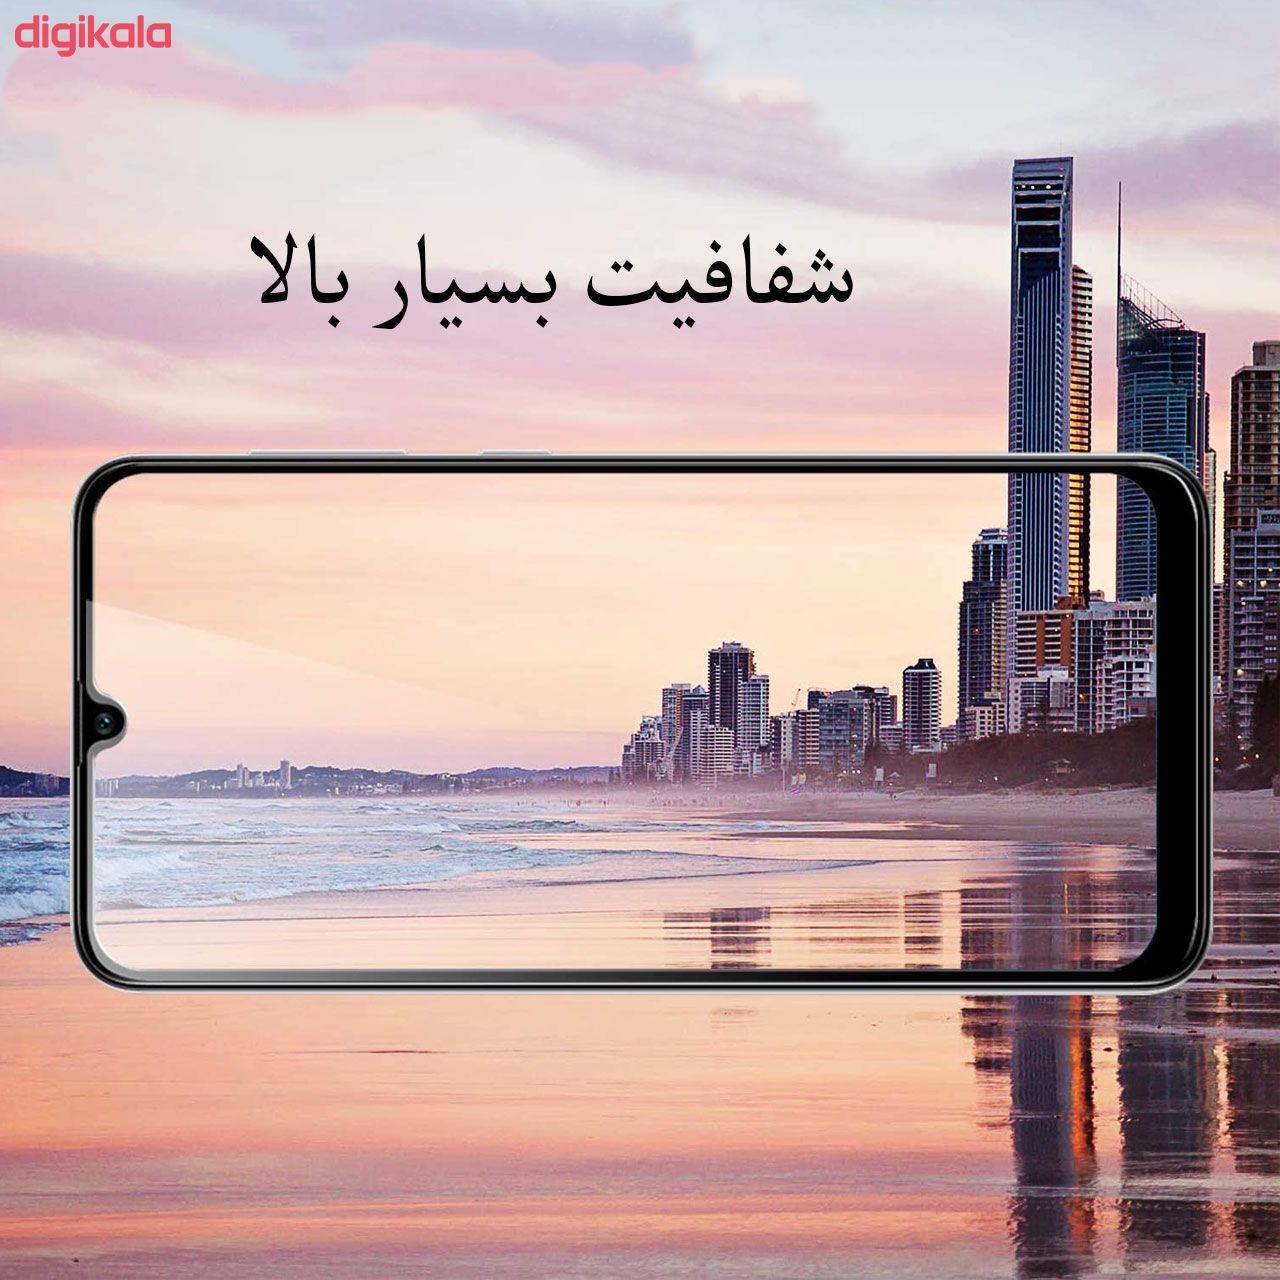 محافظ صفحه نمایش مدل FCG مناسب برای گوشی موبایل سامسونگ Galaxy A50 main 1 4